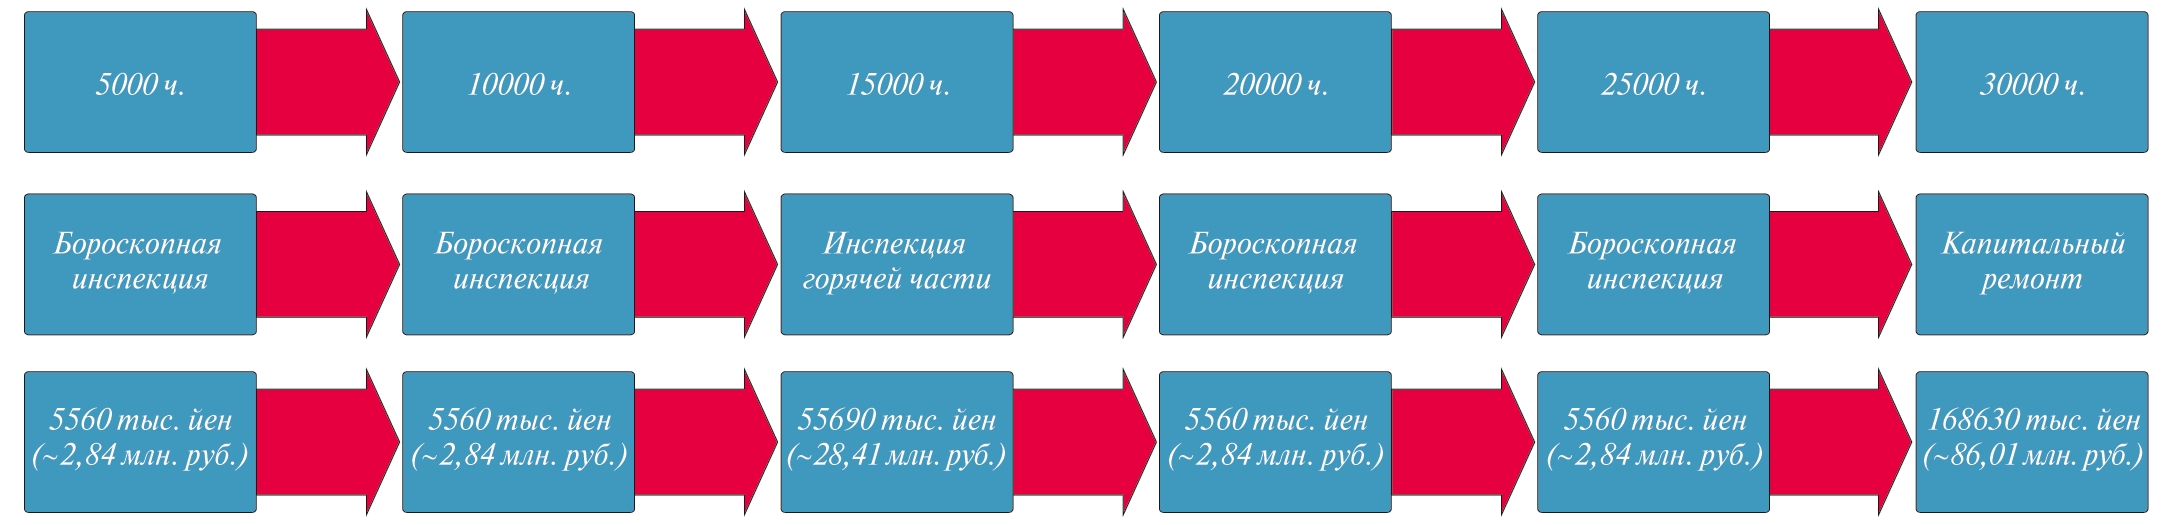 Рис. 5. Требуемый вид ремонта/технического обслуживания и его стоимость по достижению числа часов наработки (лопатки ММ247)